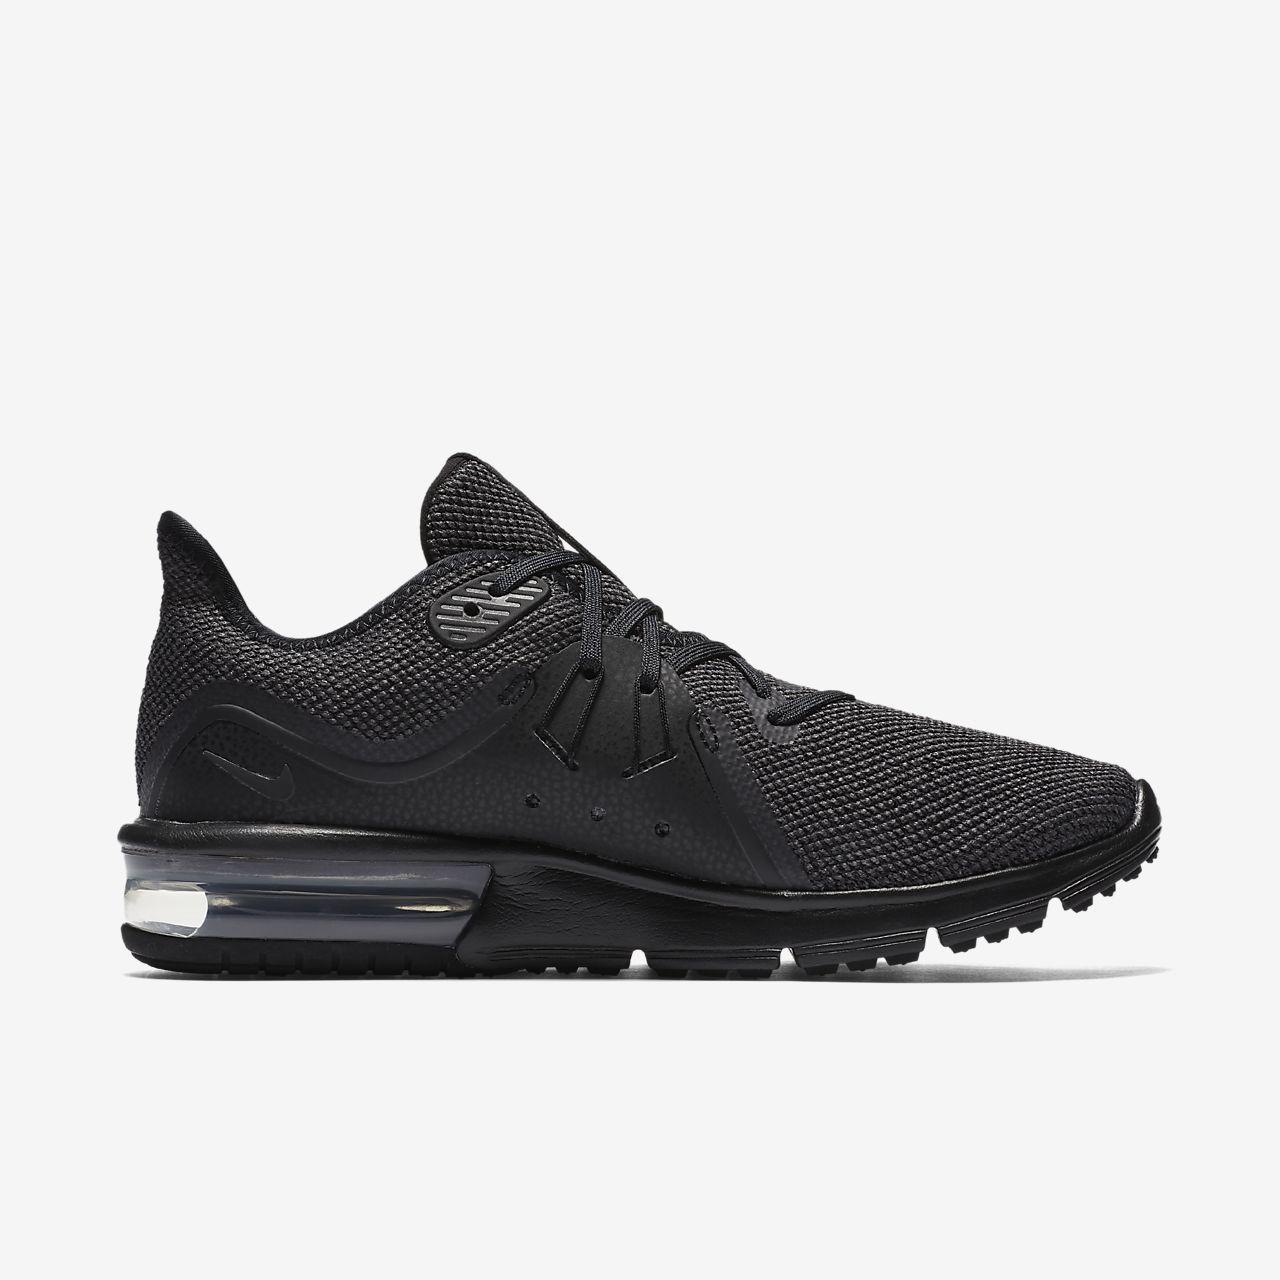 Nike WMNS Air Max Sequent 3, Chaussures de Running Femme, Noir (Black/Anthracite 010), 36.5 EU